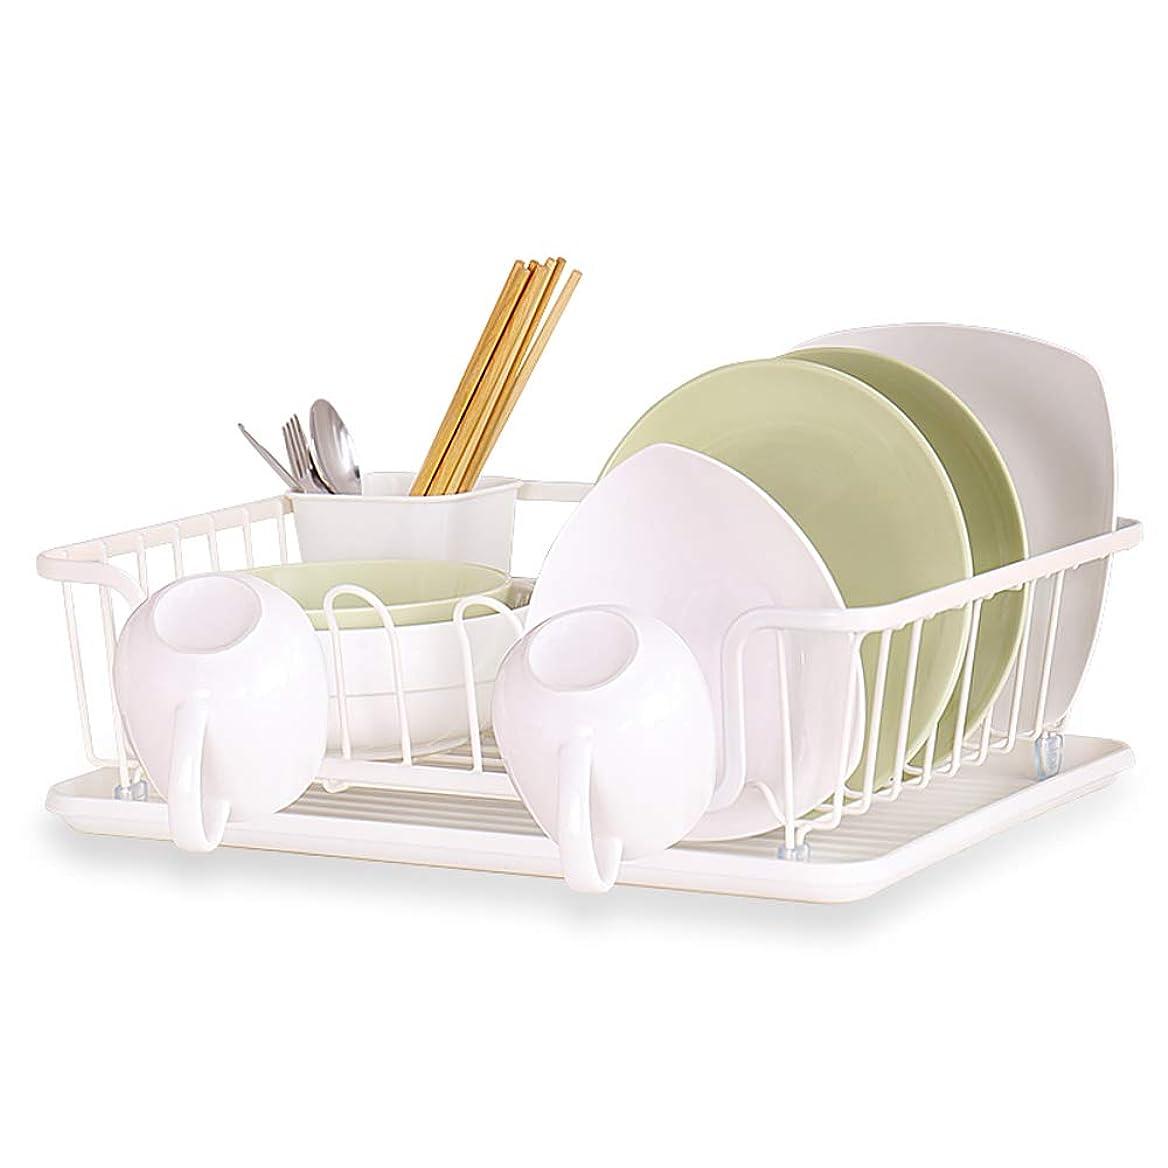 兵士不足期限キッチン錬鉄製のドレンラック、小型の新鮮な直立した食器棚、カトラリー収納ラック、滑り止め(ホワイト)